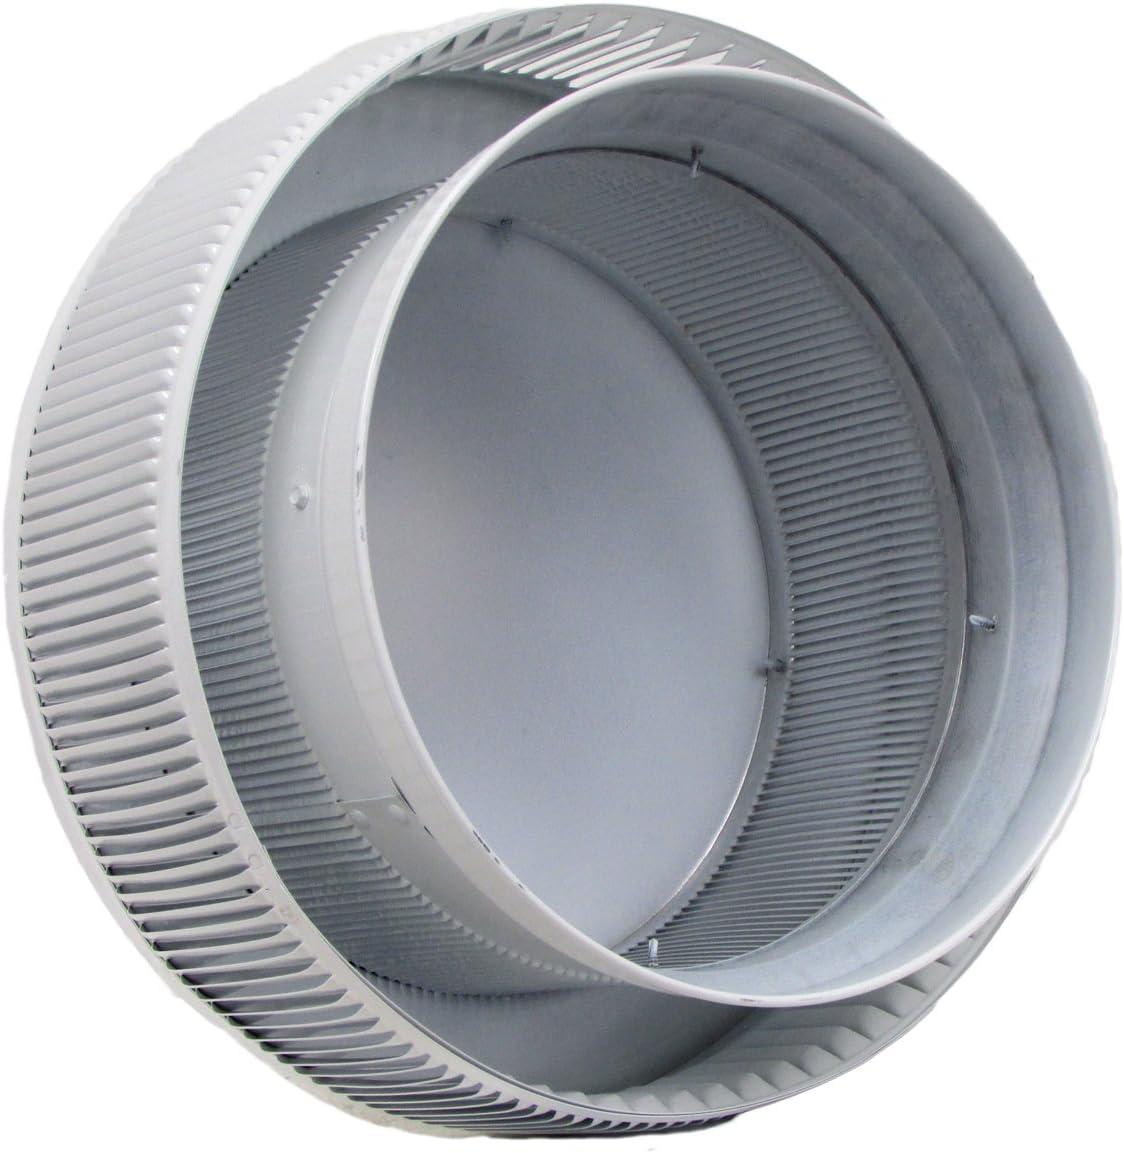 Black Aura PVC Vent Cap 12 Inch Diameter